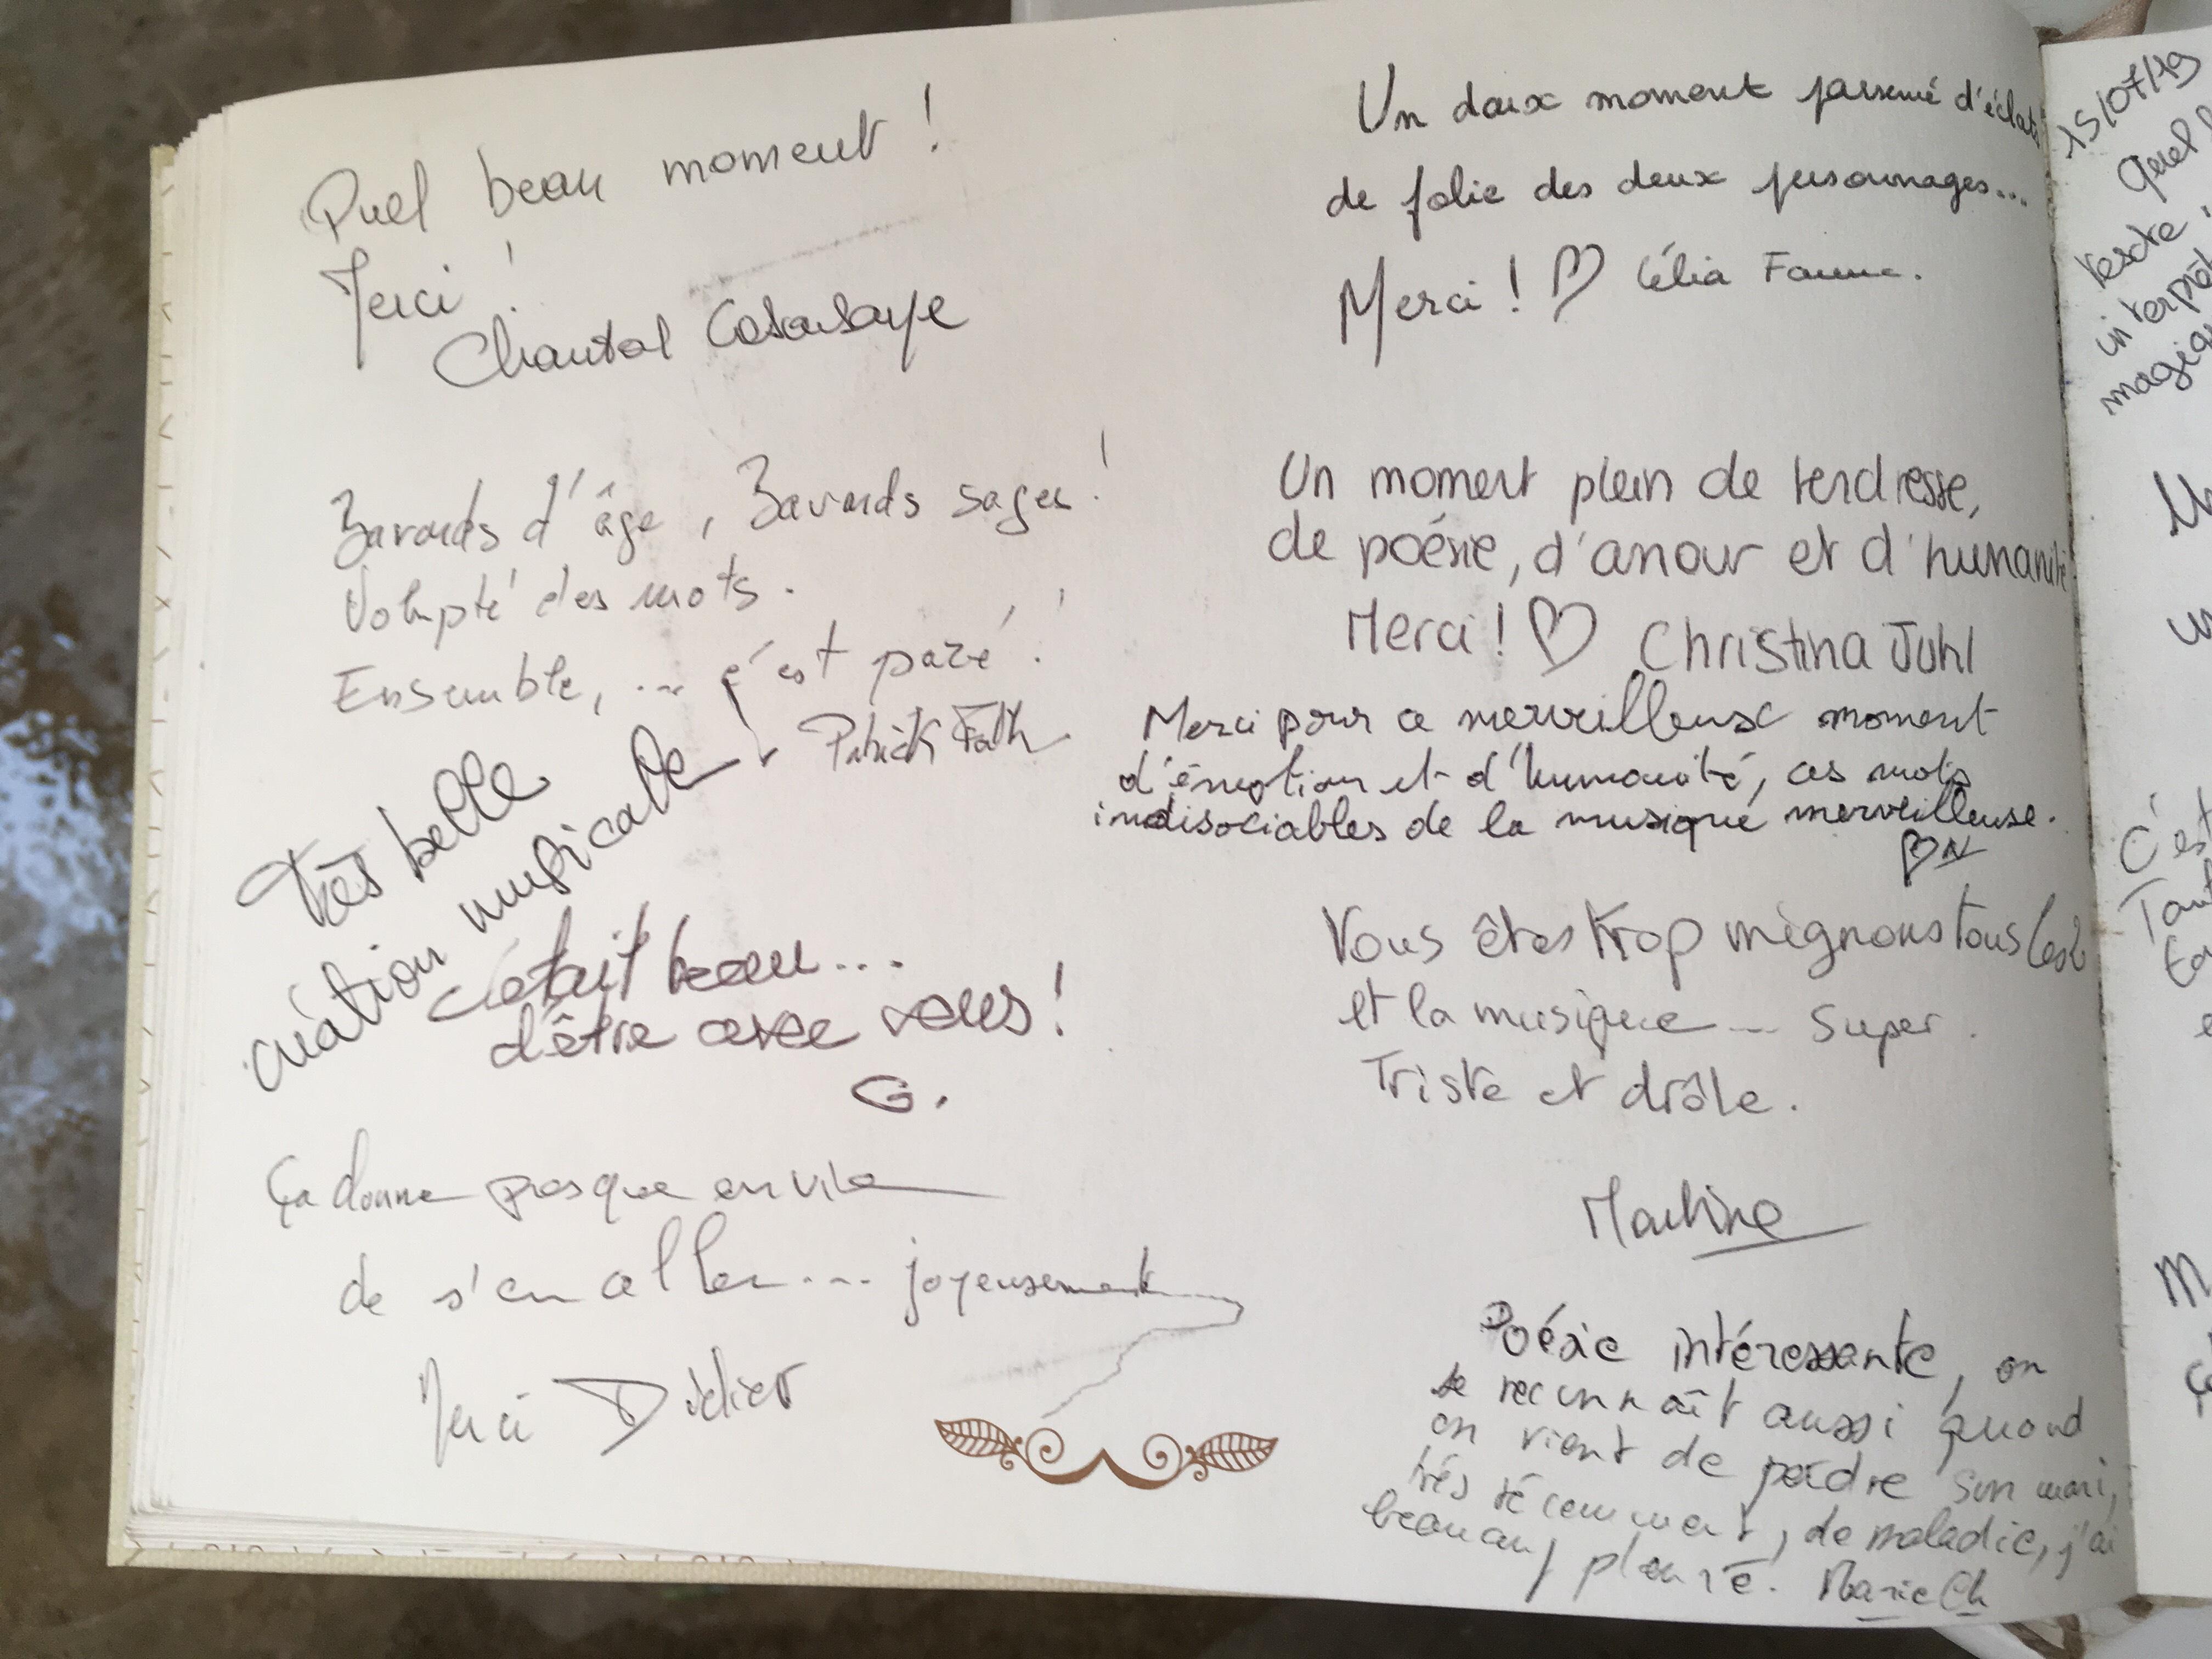 Souvenirs d'Avignon 2019 Artéphile